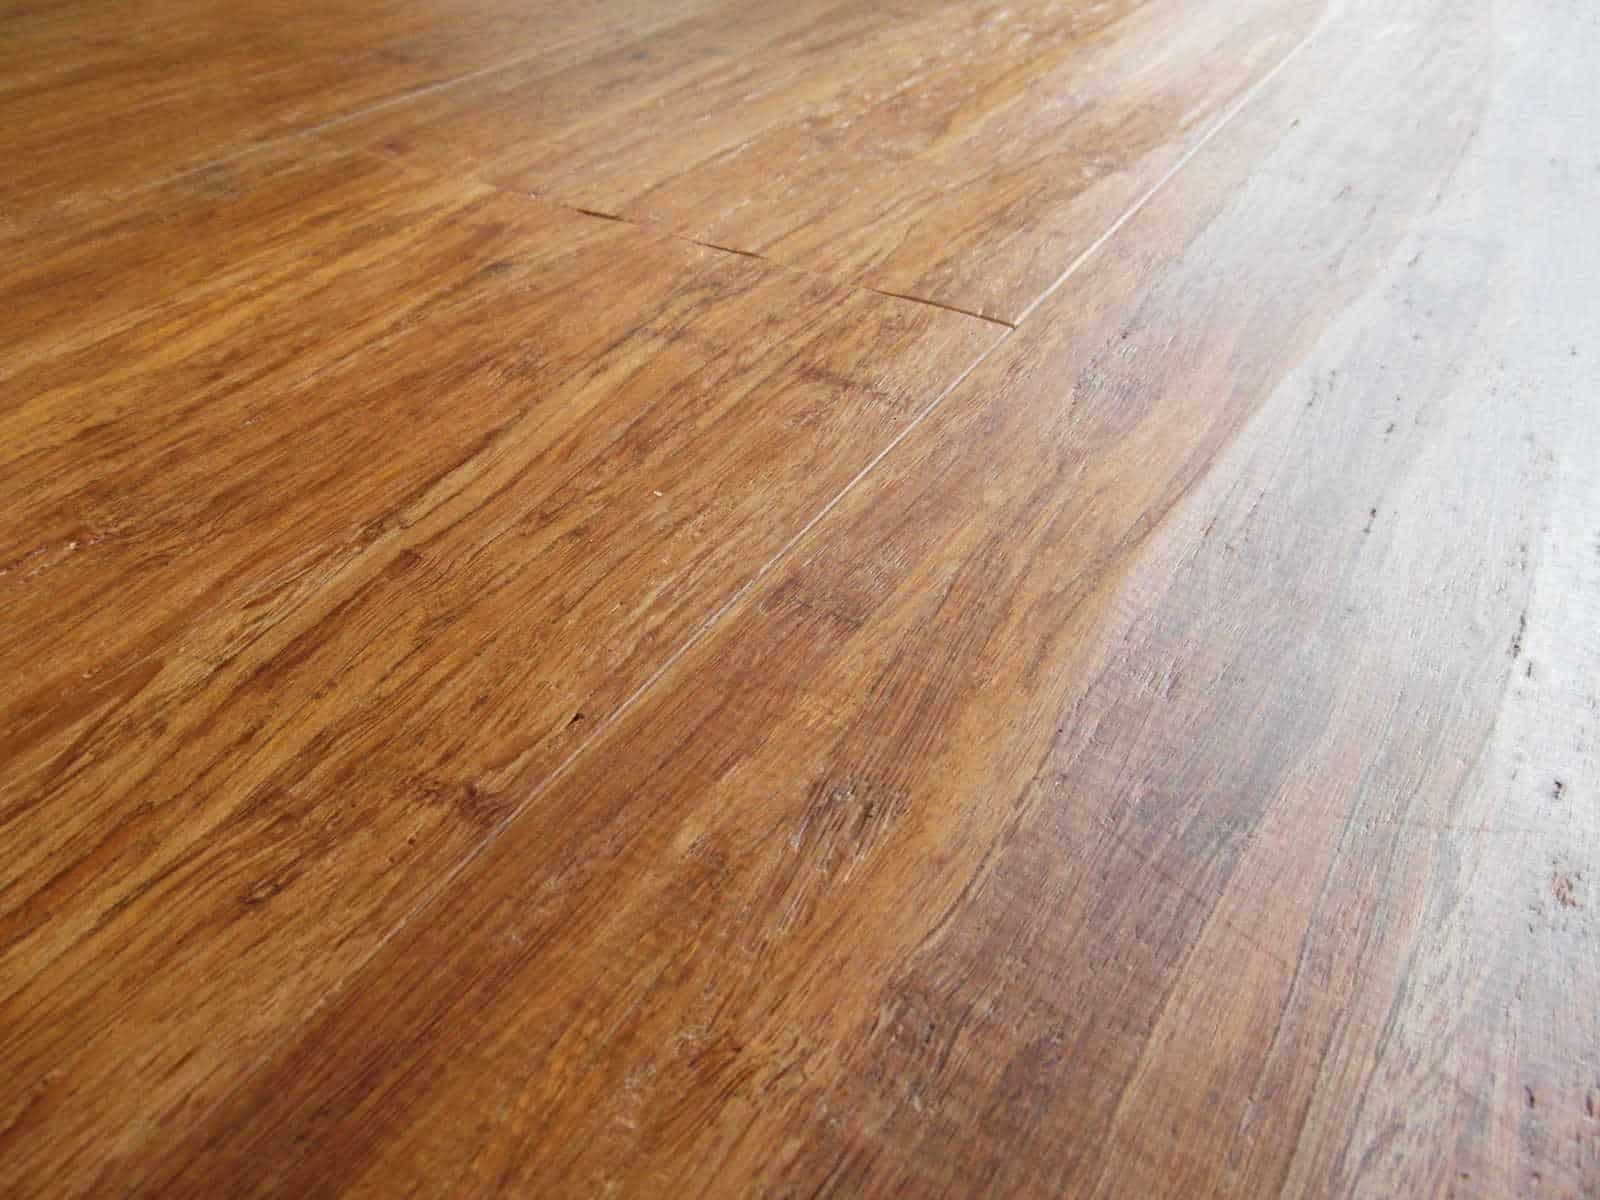 pavimentos y parquet f brica suelos de madera